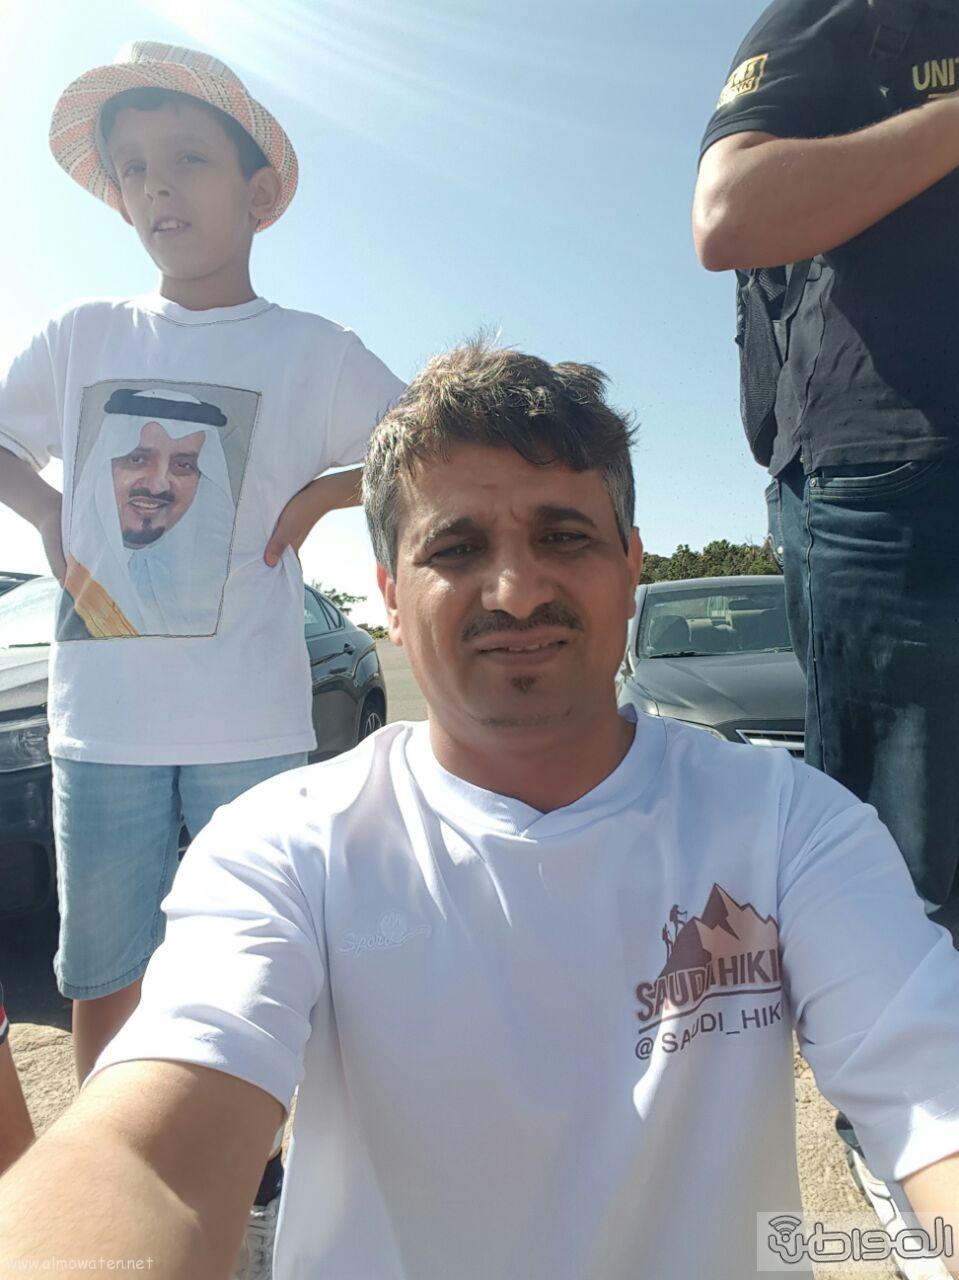 رفع علم السعودية في اعلى قمةعن طريق فريق هايكنج السعودية (15)